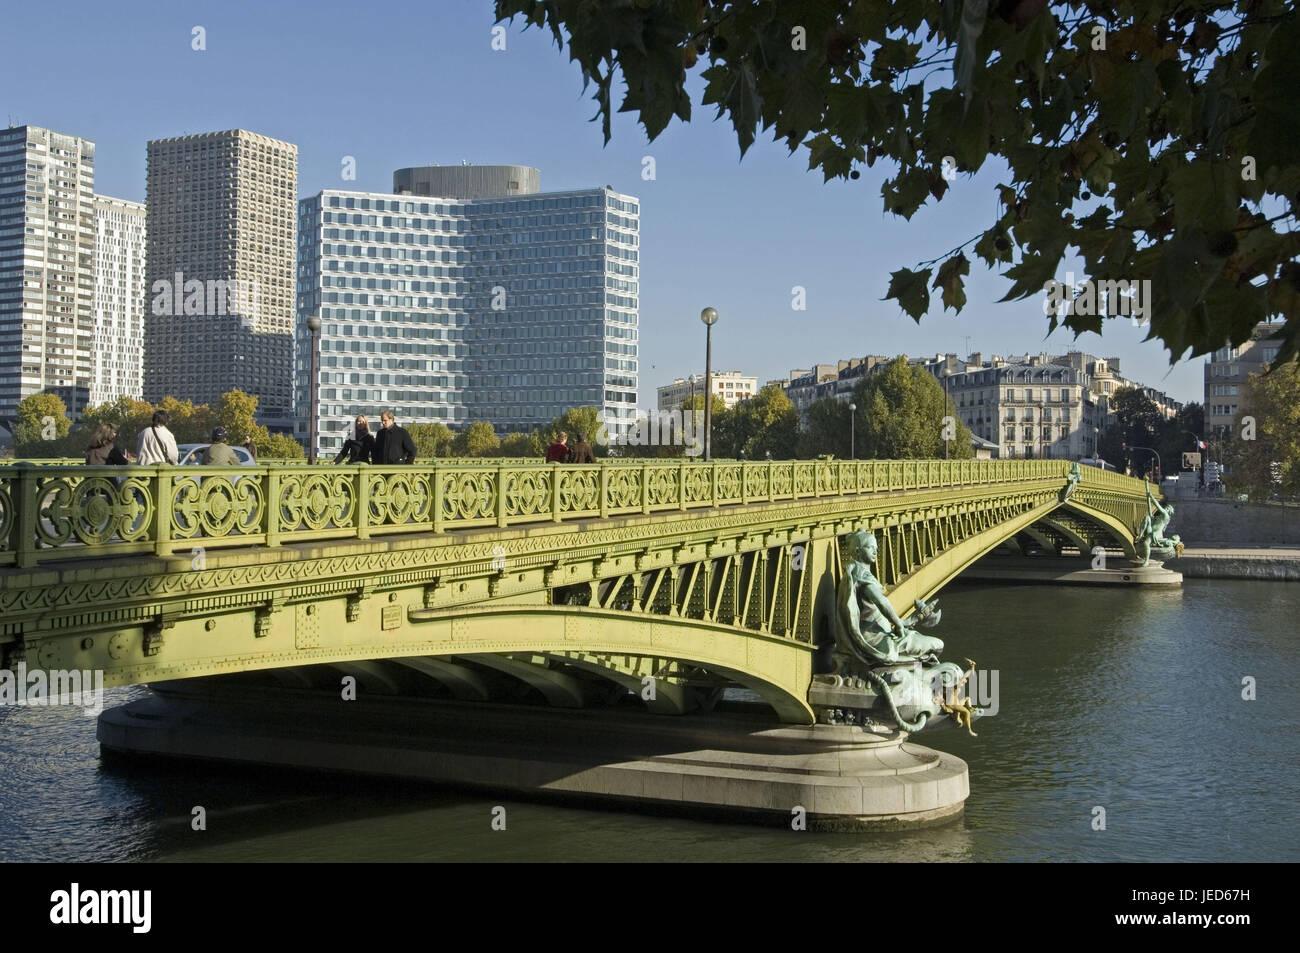 France, Paris, flux his, 'dock of Andre Citroen', Pont Mirabeau, pedestrian, - Stock Image